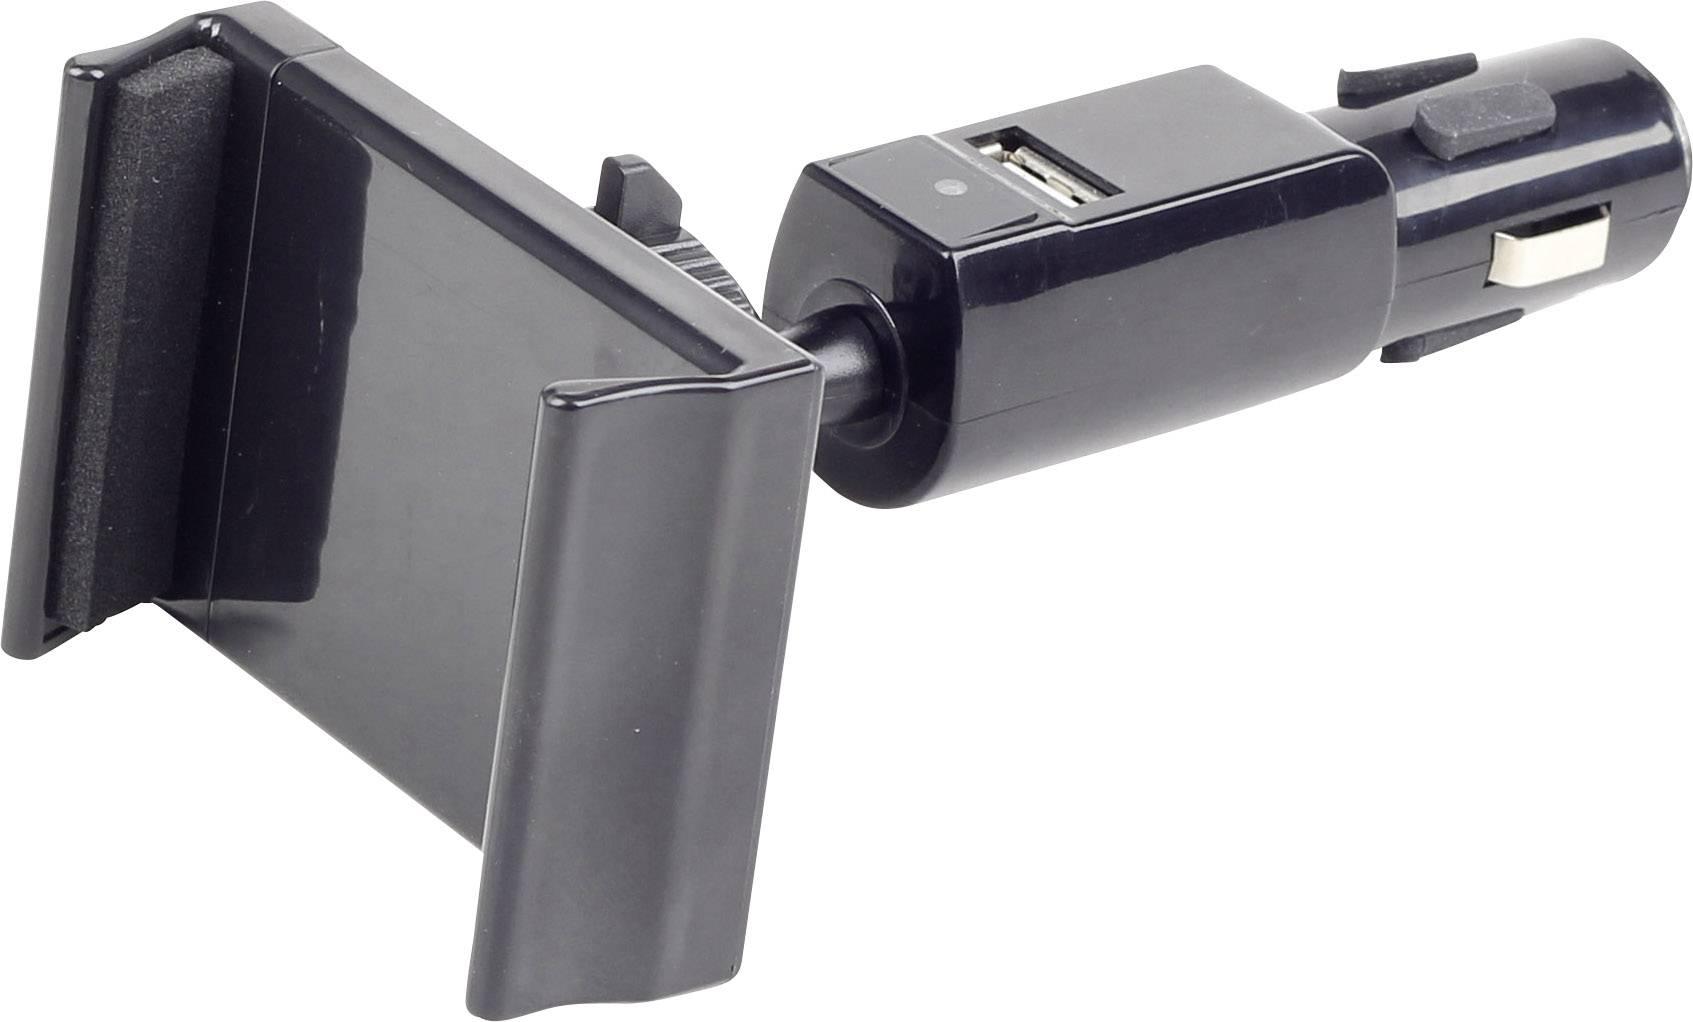 Univerzální nabíječka a držák mobilu do auta s USB, GEMBIRD KFZ SMARTPHONE